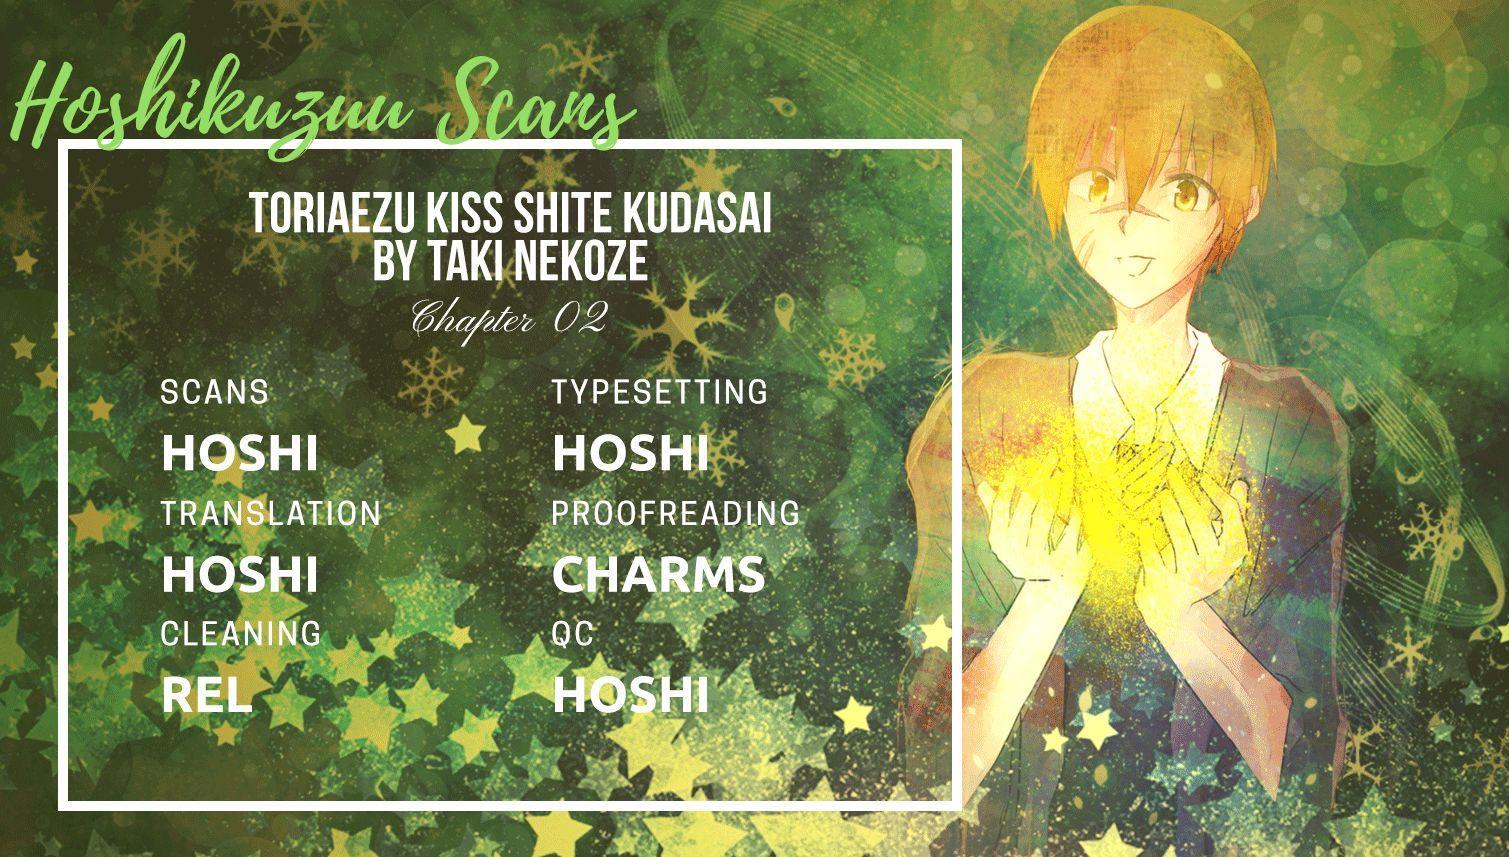 Toriaezu Kiss Shite Kudasai 2 Page 1